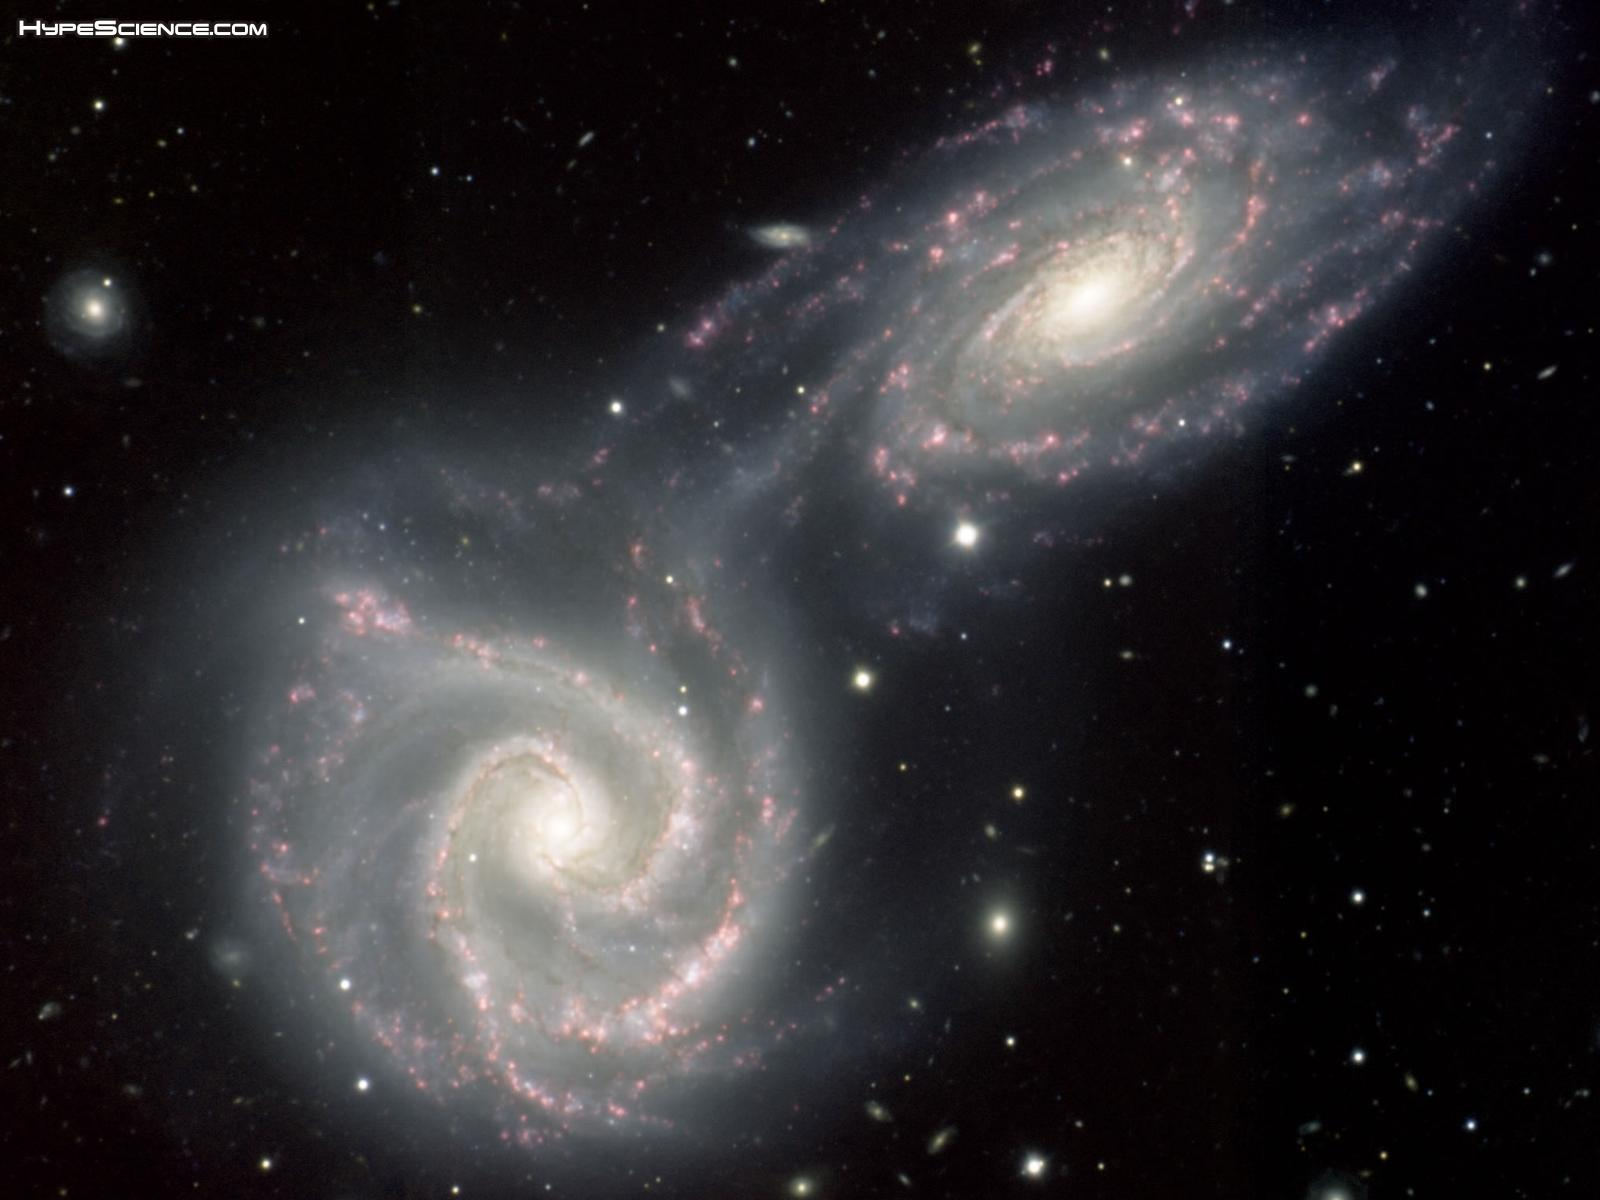 galaxias-colidindo-1600x1200